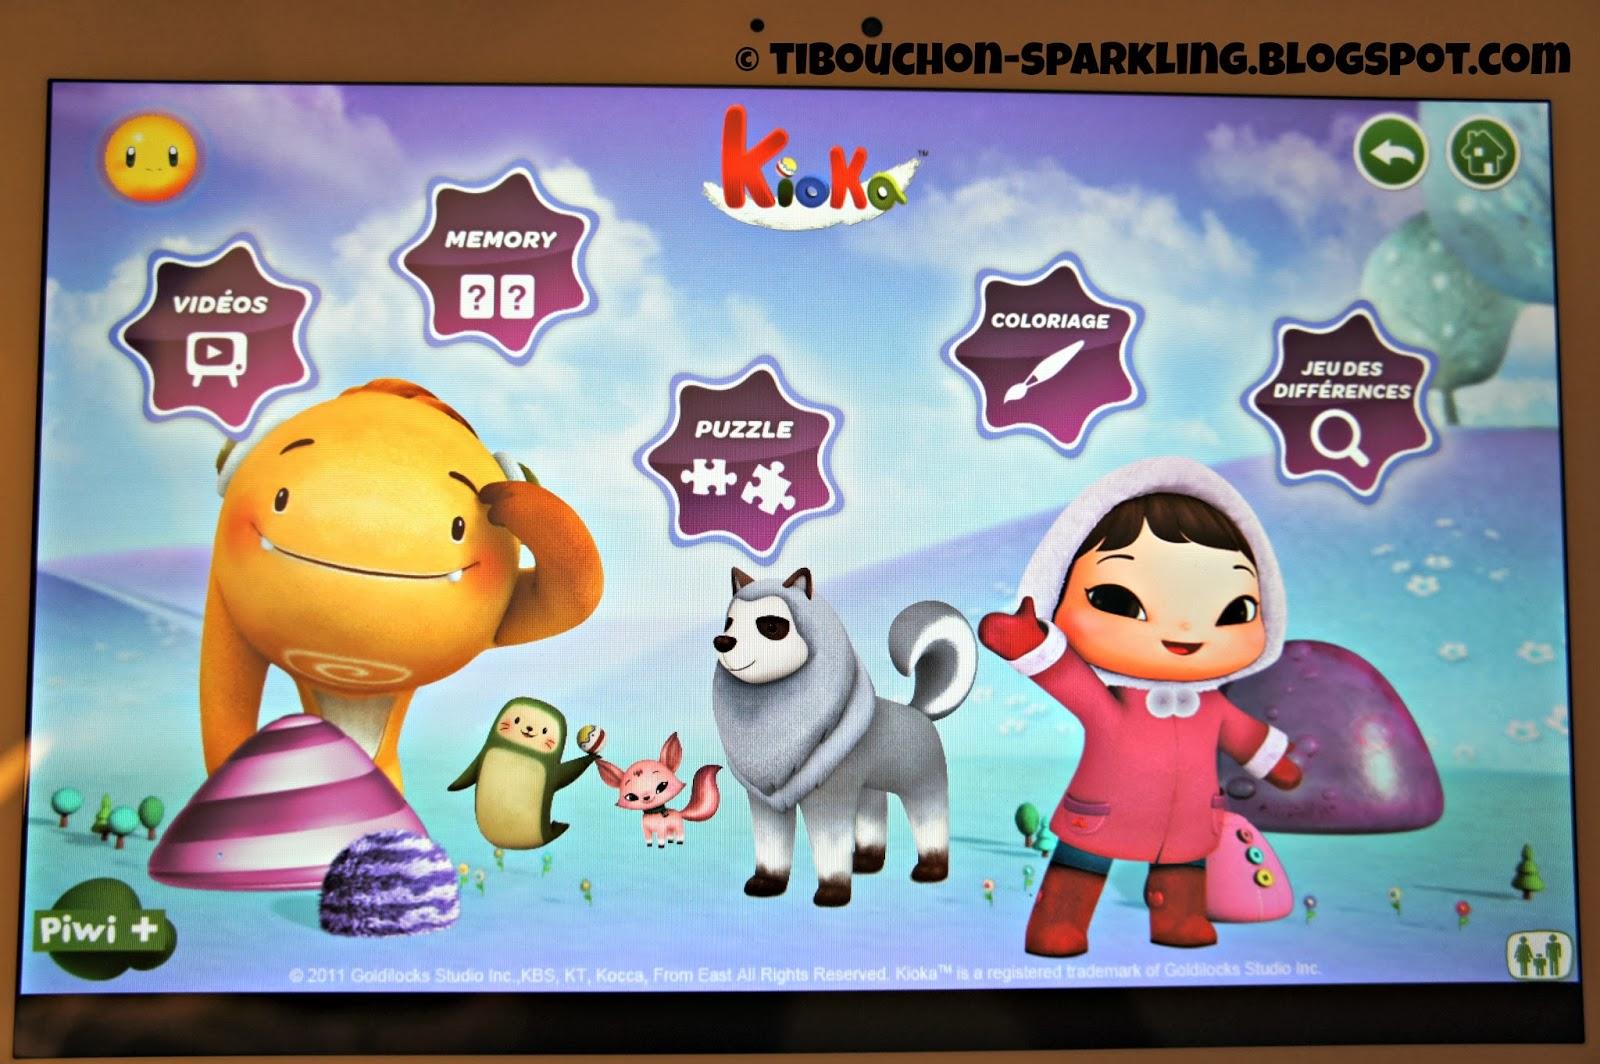 Le blog de tibouchon sparkling - Piwi robocar poli ...